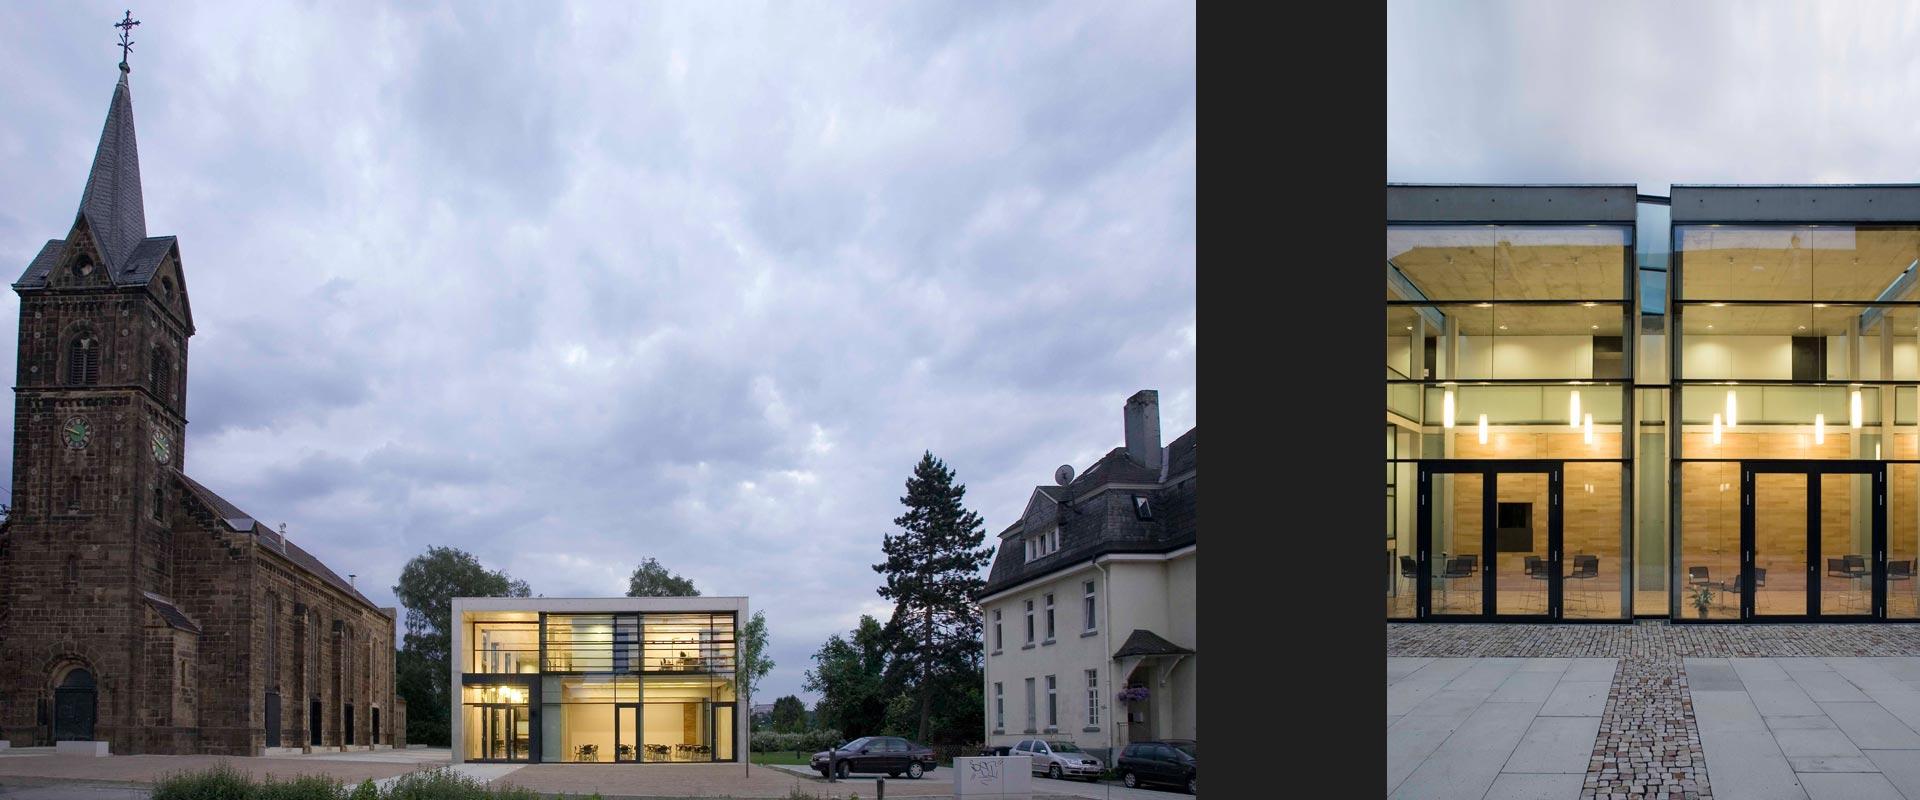 bathe+reber_gemeindehaus_zion061